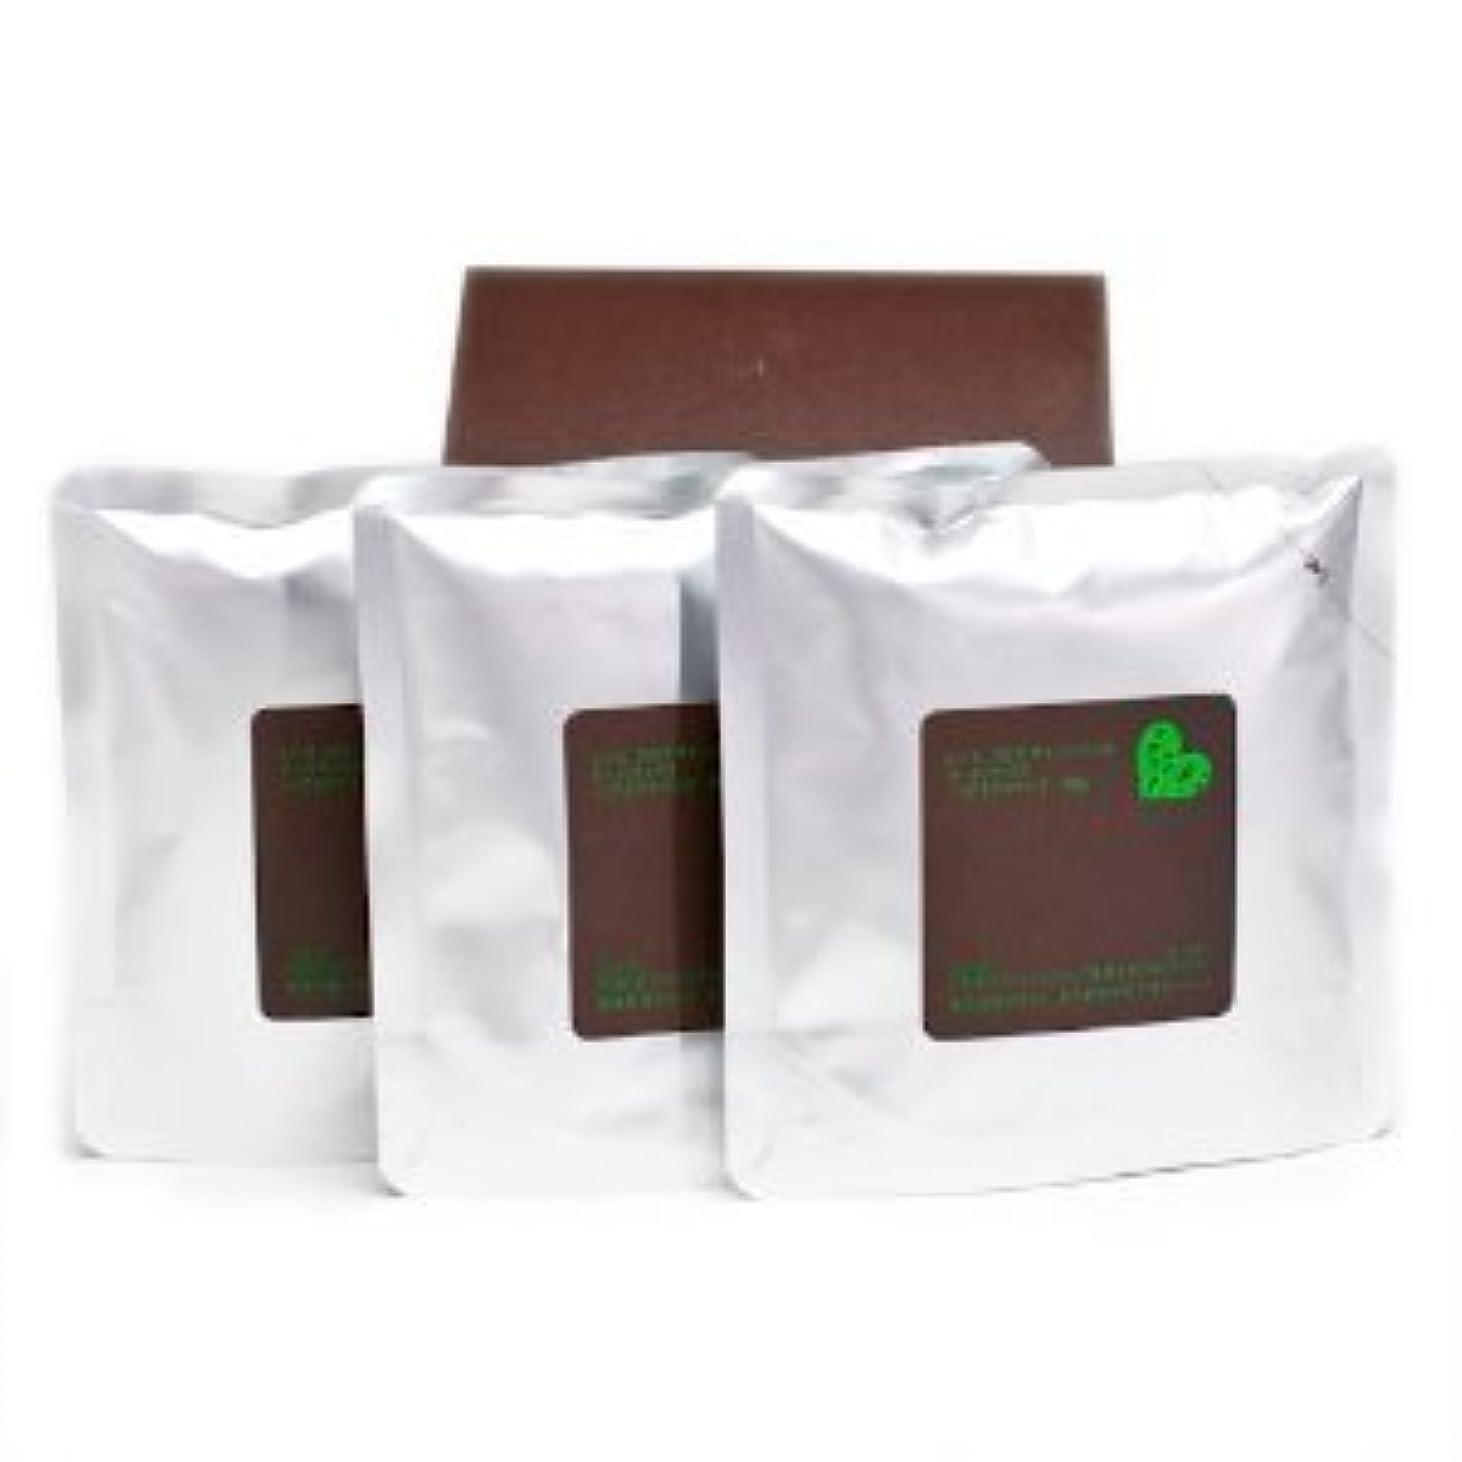 鉱石補償クランプアリミノ ピース プロデザイン ハードワックス80g×3個 ×2個 セット 詰め替え用arimino PEACE